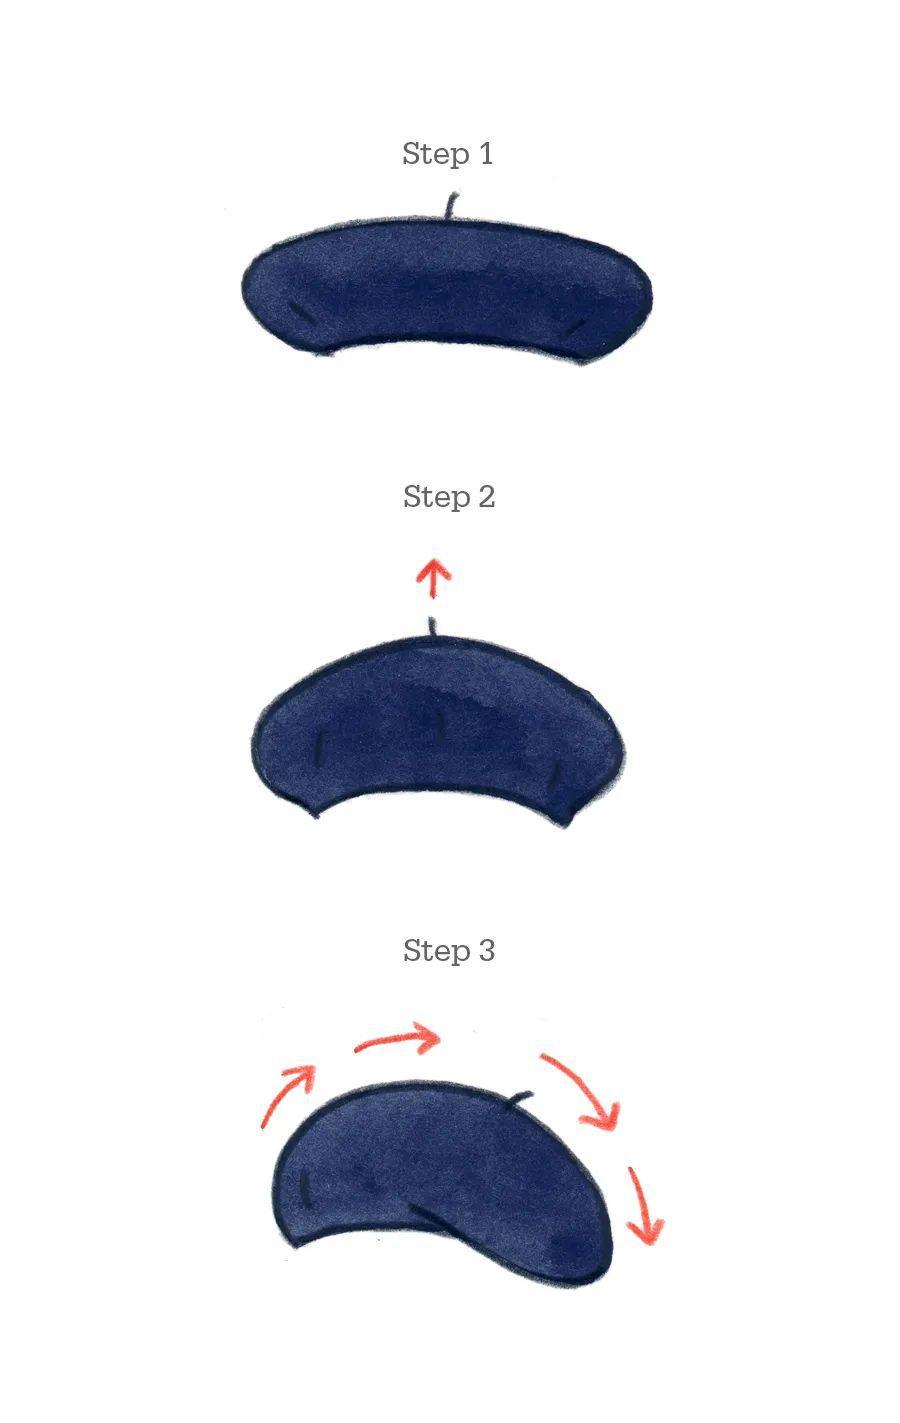 贝雷帽佩戴方法不会掉图片